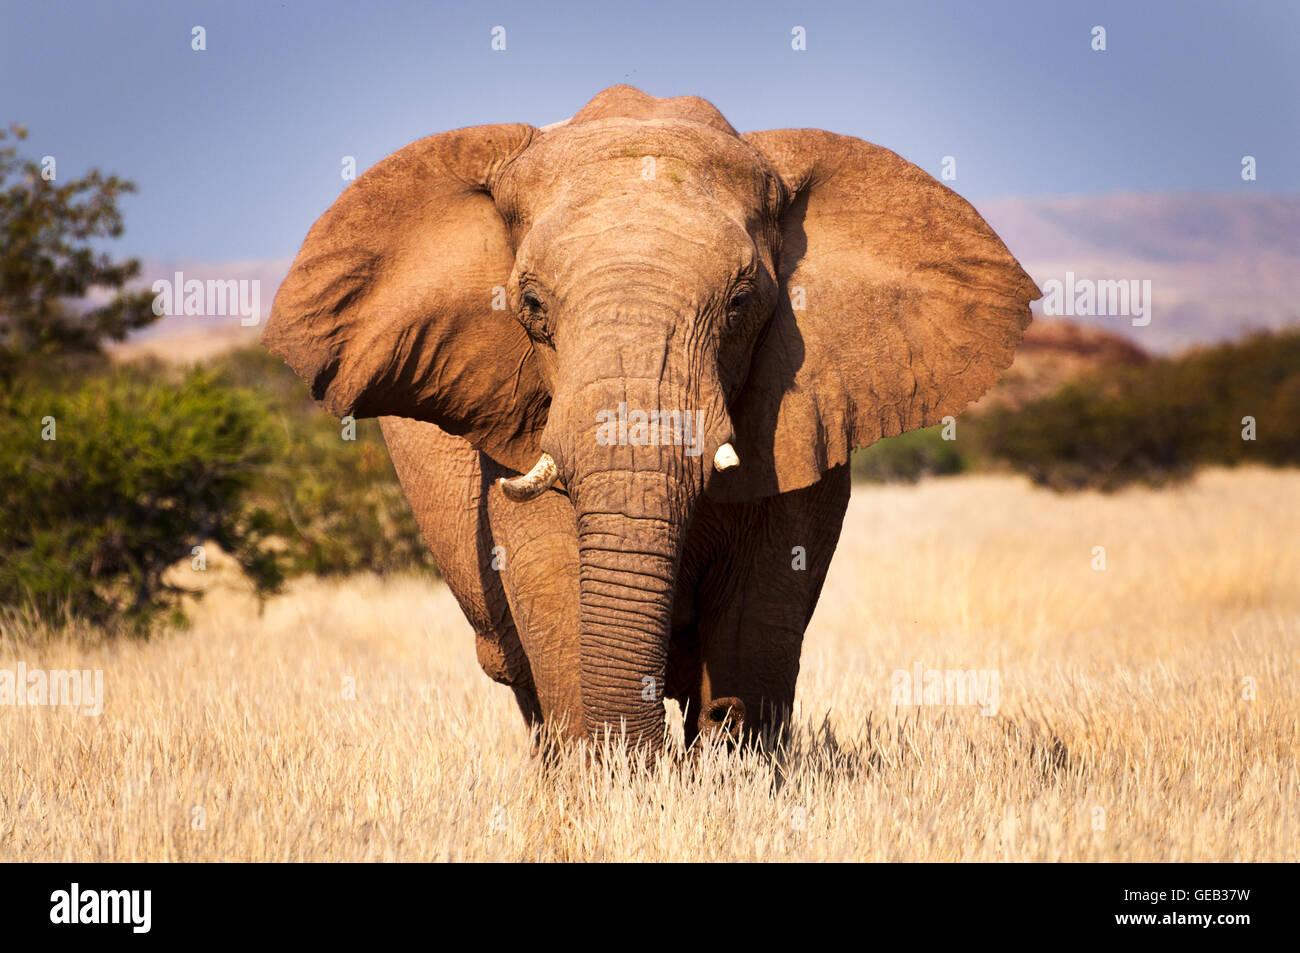 Elefanten in der Savanne, in Namibia, Afrika, Konzept für das Reisen in Afrika und Safari Stockbild